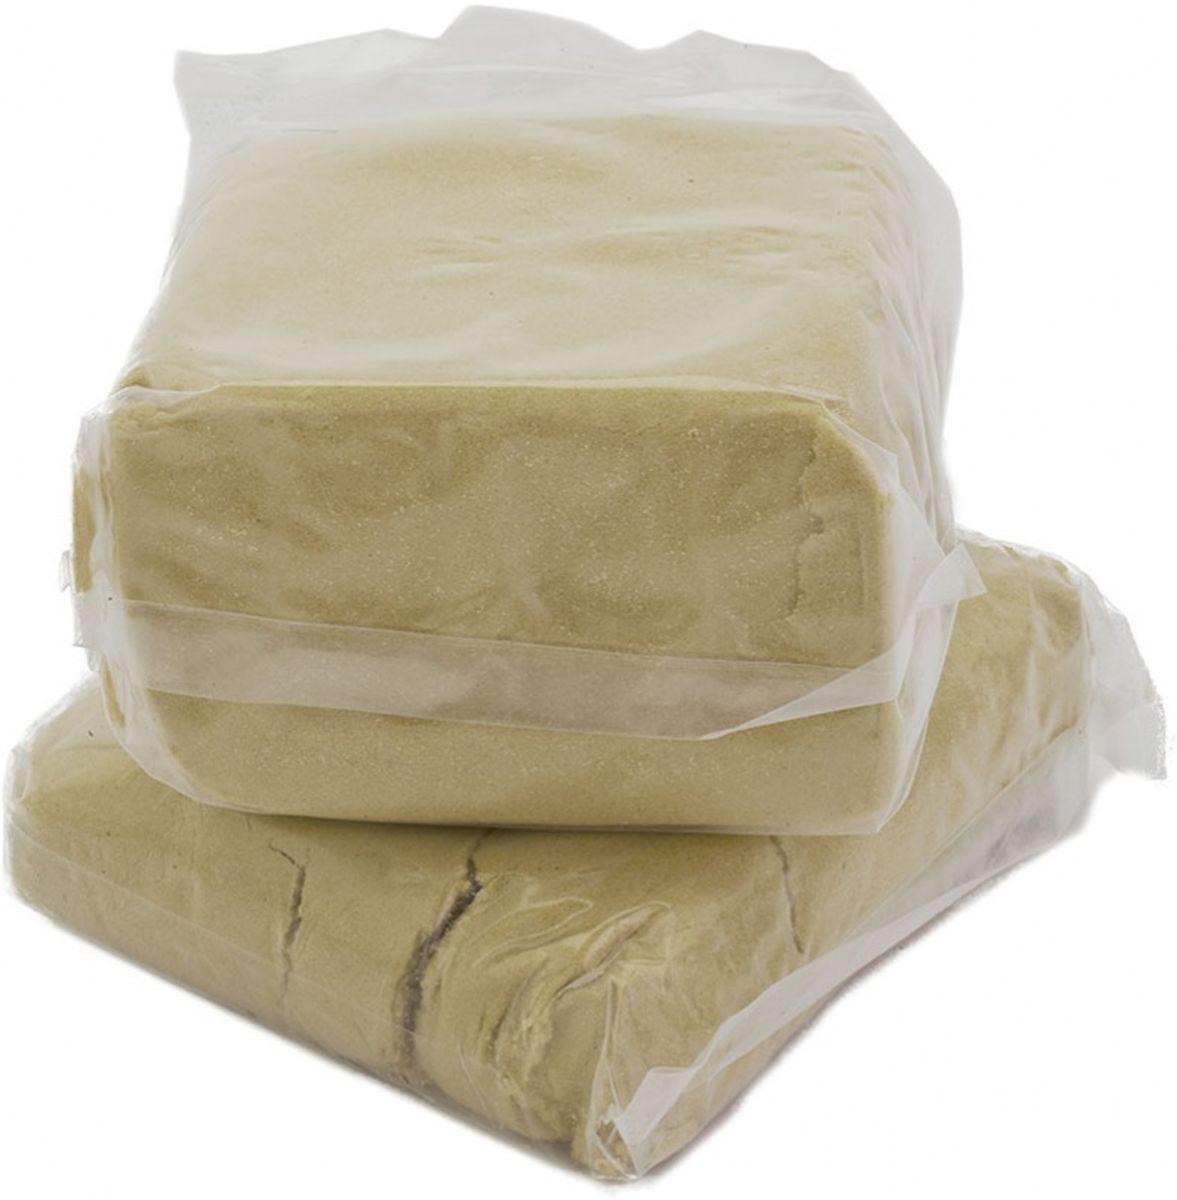 Bradex Песок для игры Чудо-песок цвет серый 1 кг жигао zhigao 10 цветный дрожащий песок мини загруженный детский цветной песок яйцо подарочная коробка творческие наждачные игрушки kk 2919